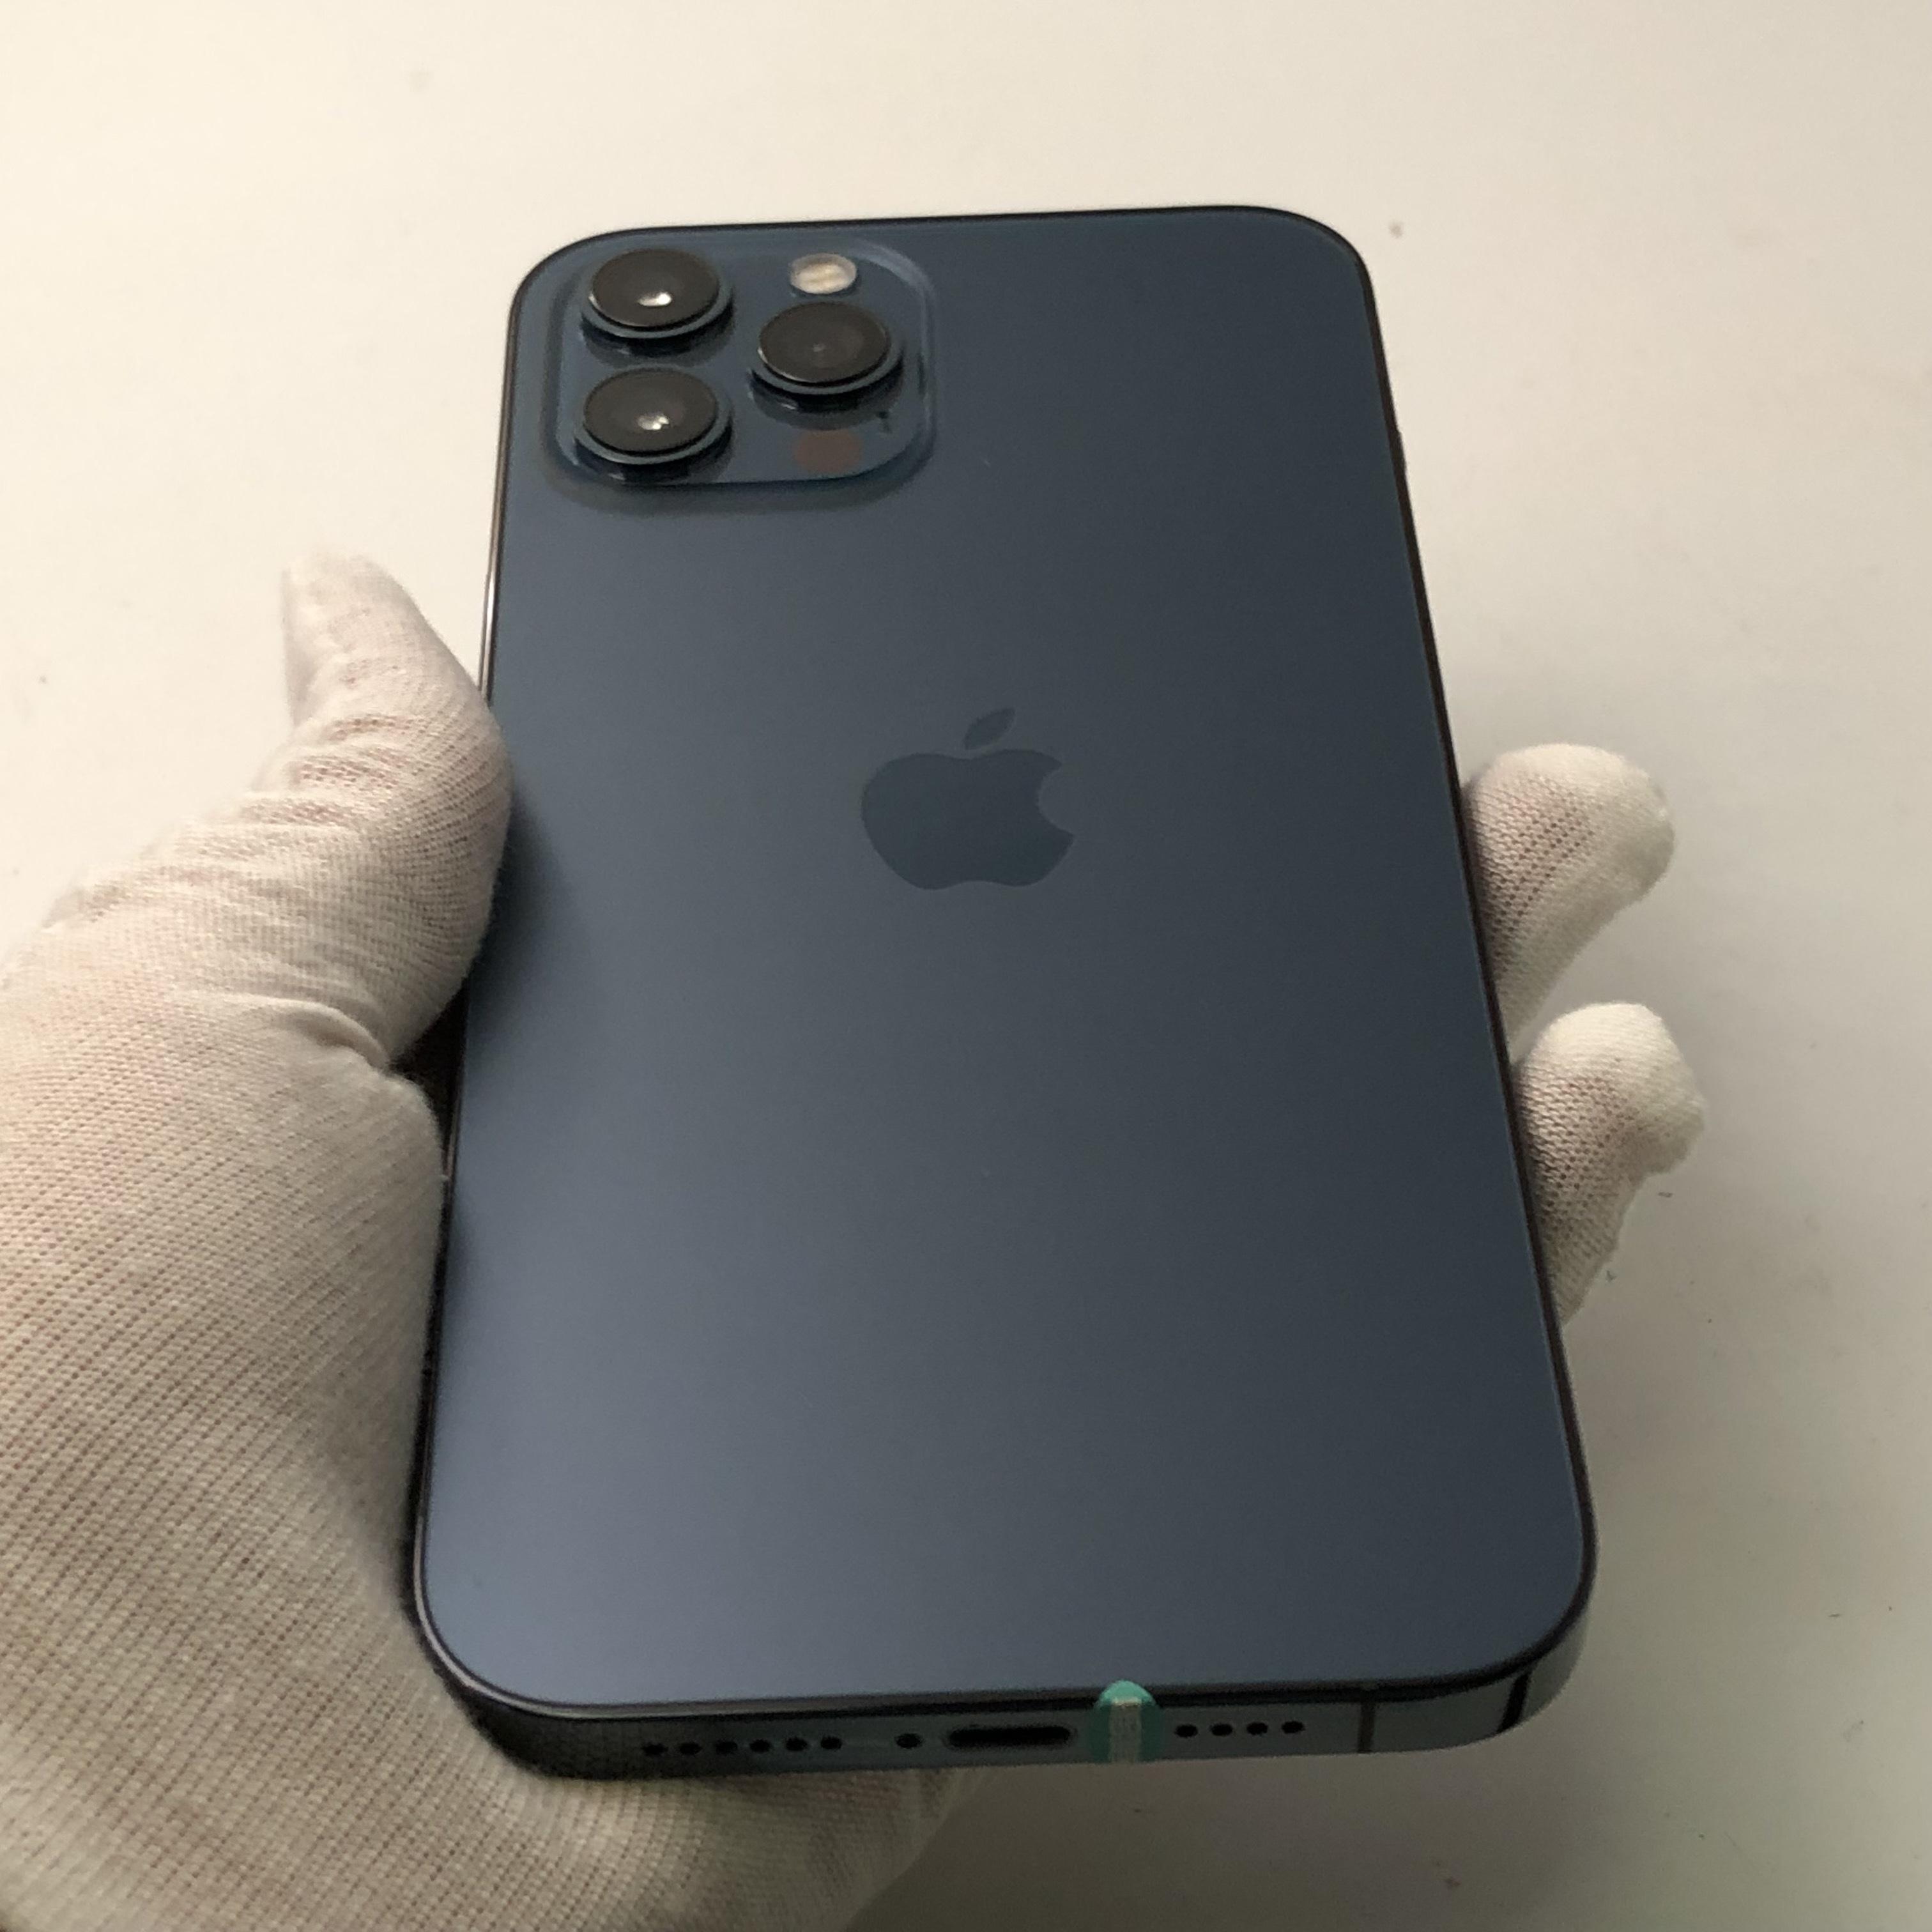 苹果【iPhone 12 Pro】5G全网通 海蓝色 128G 国行 99新